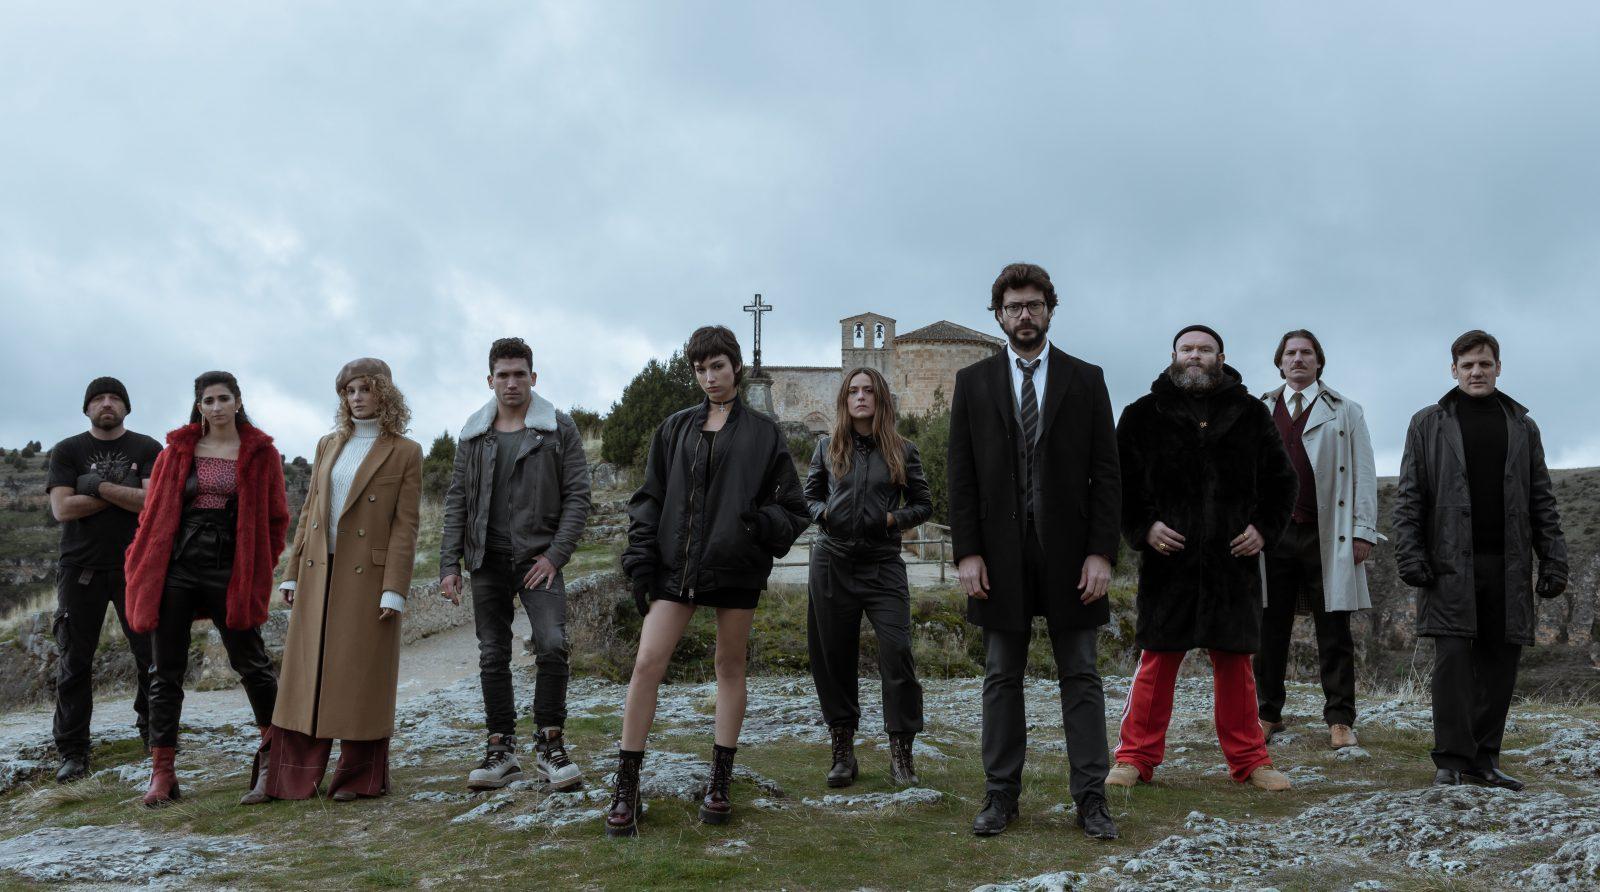 La Casa de Papel, trailer oficial temporada 3